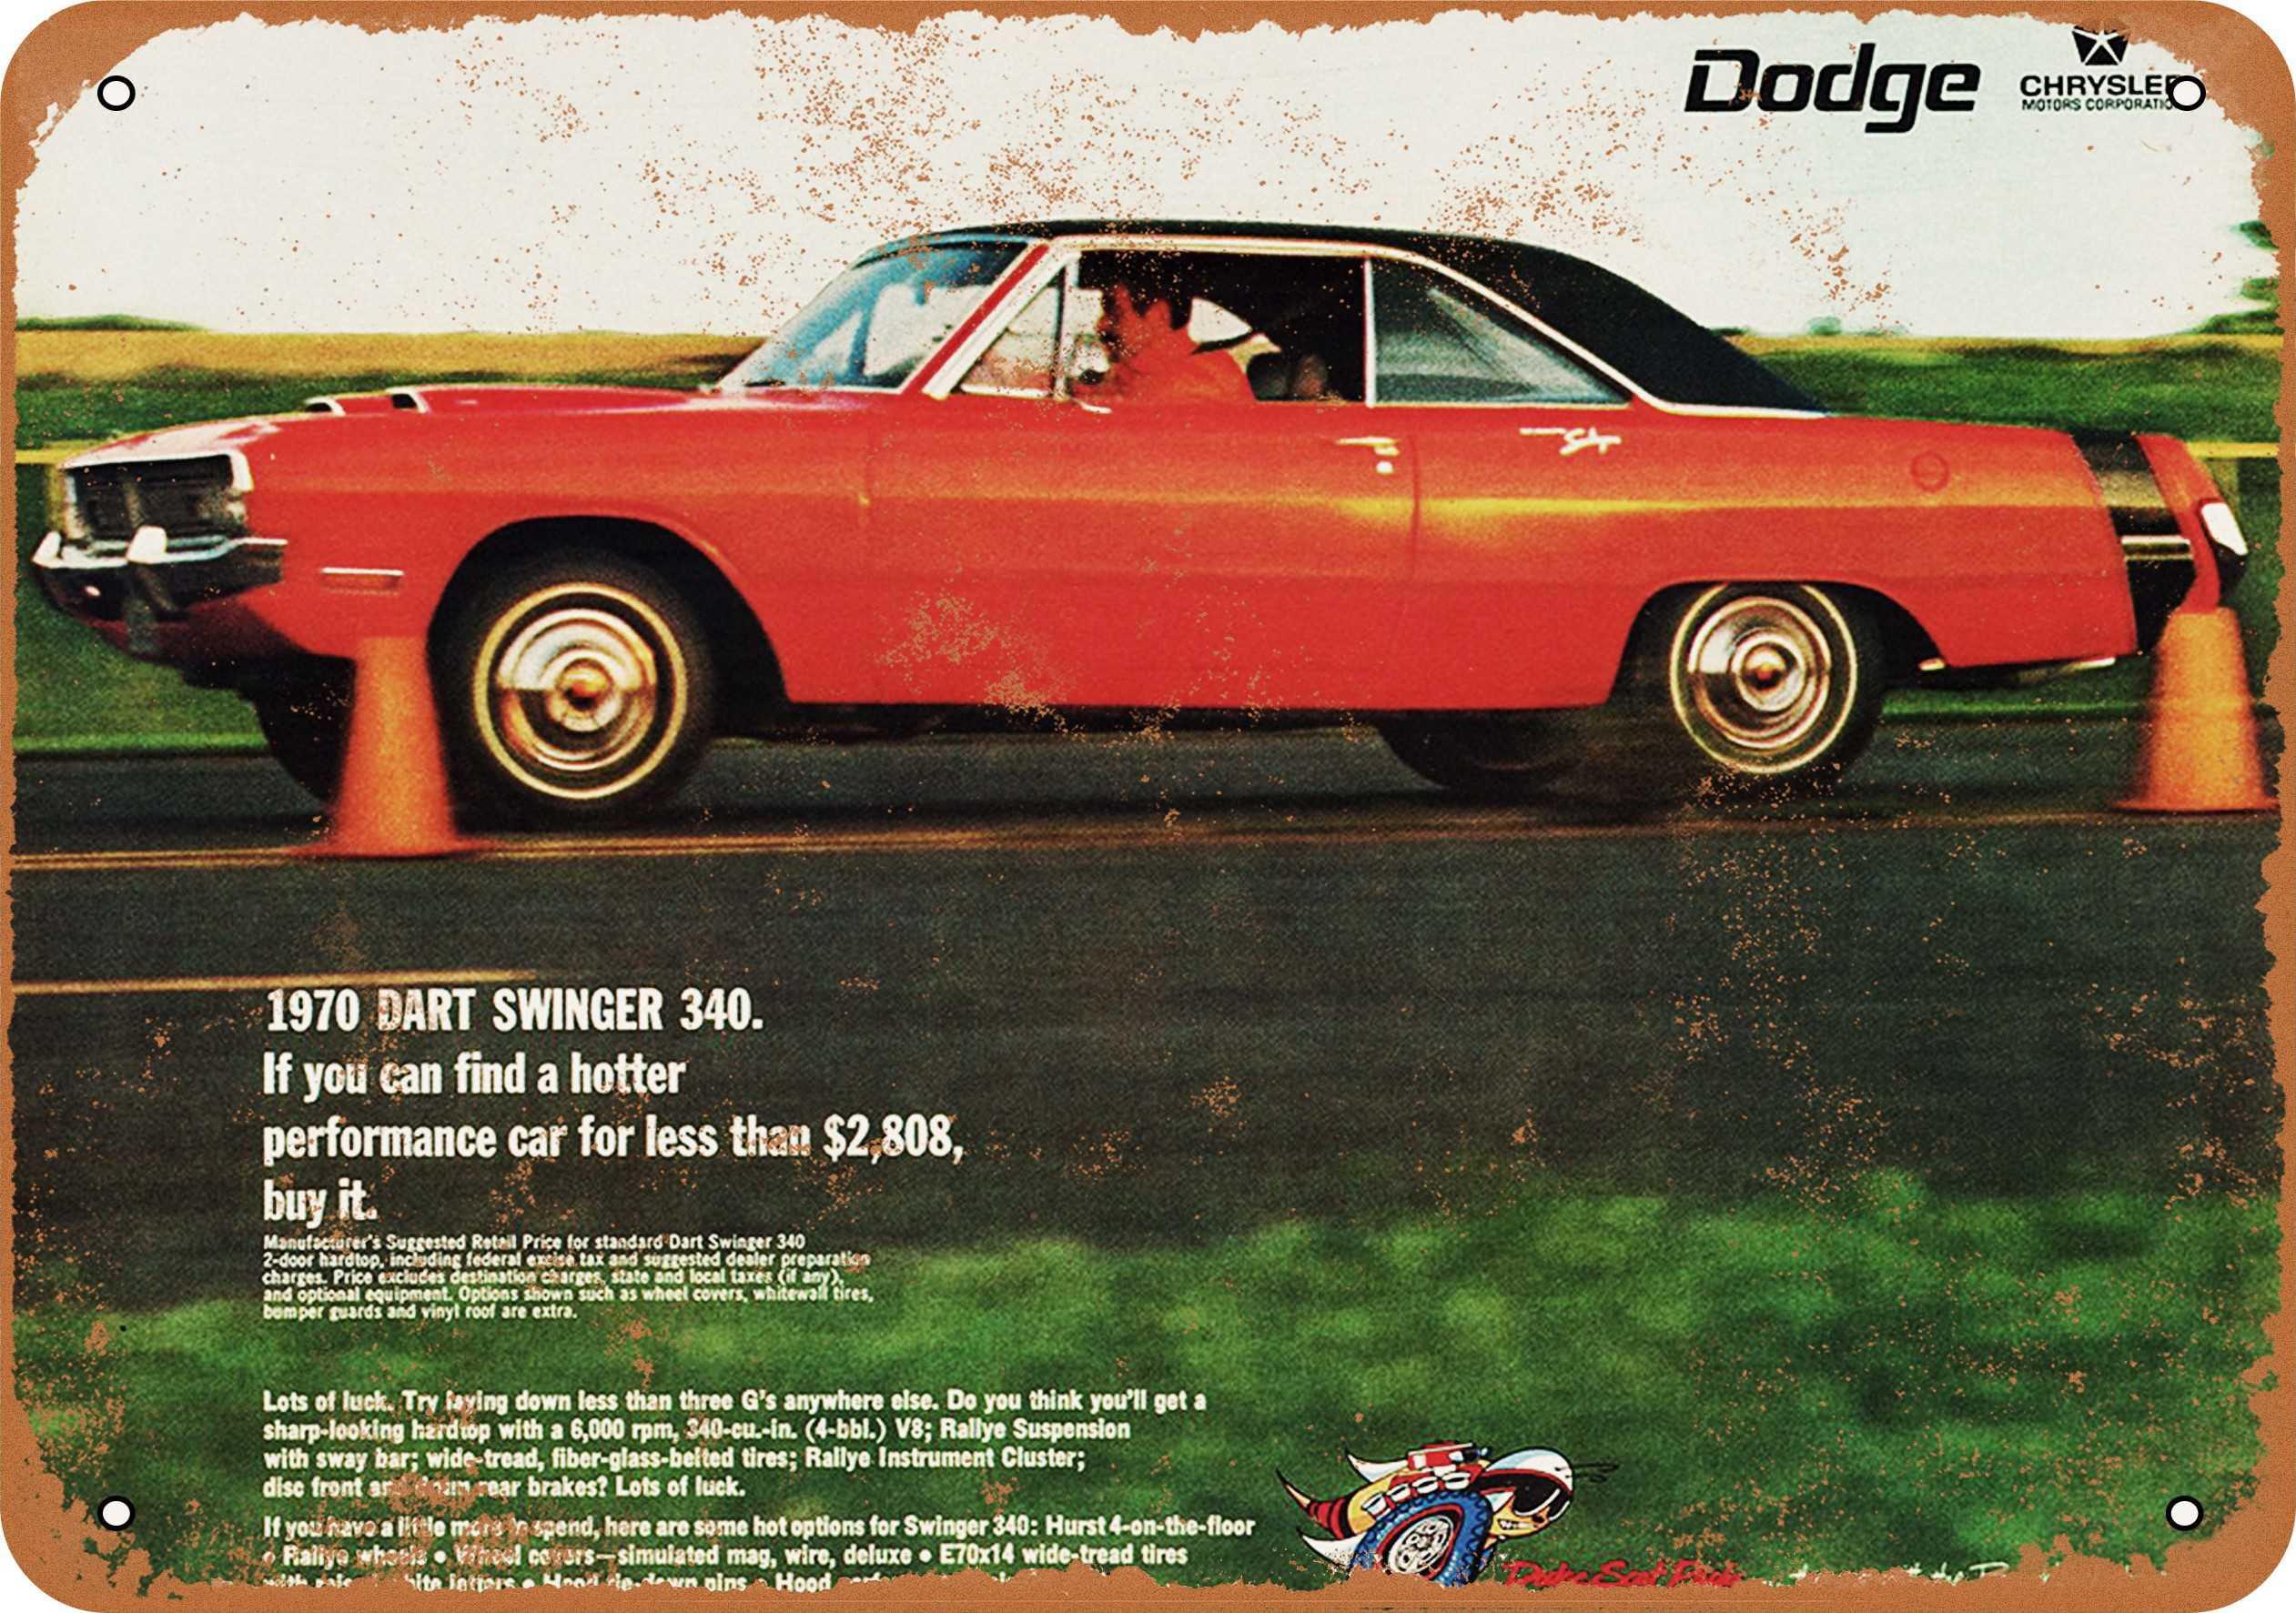 1970 Dodge Dart Swinger 340 Metal Sign 7x10 Inch Vintage Look Walmart Com Walmart Com